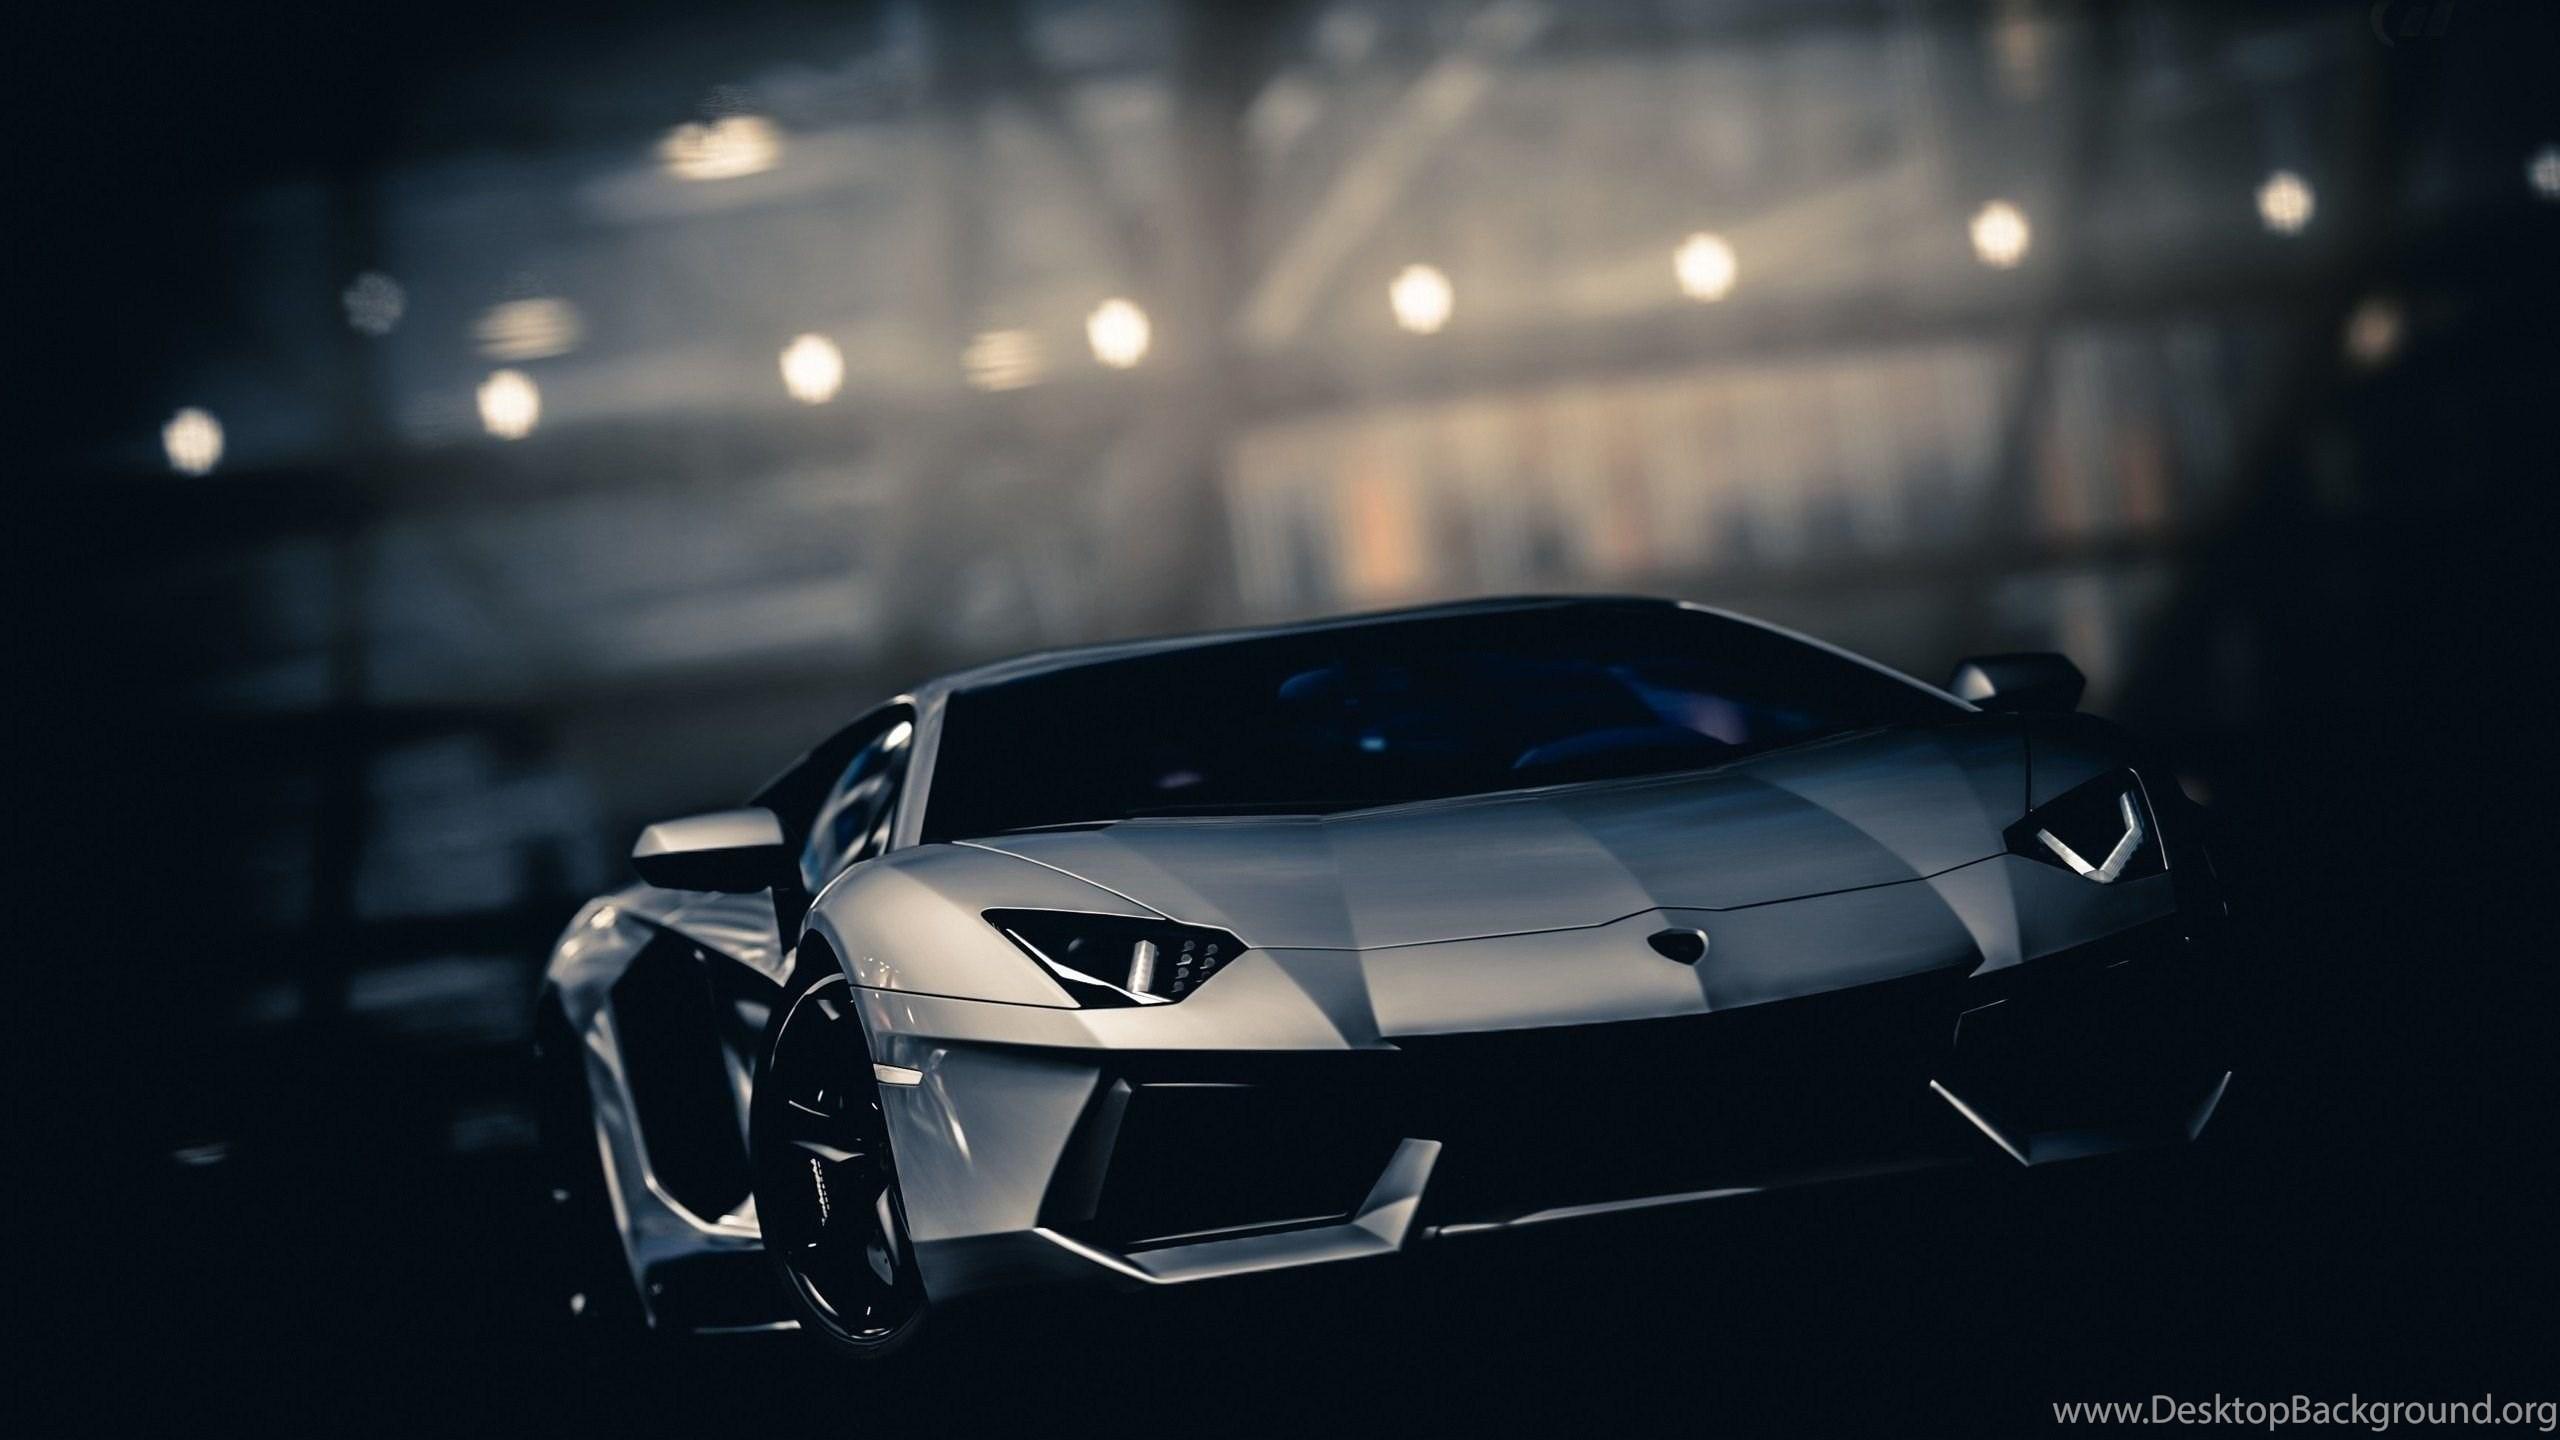 Lamborghini Cars Wallpapers HD Free Download For Desktop 01